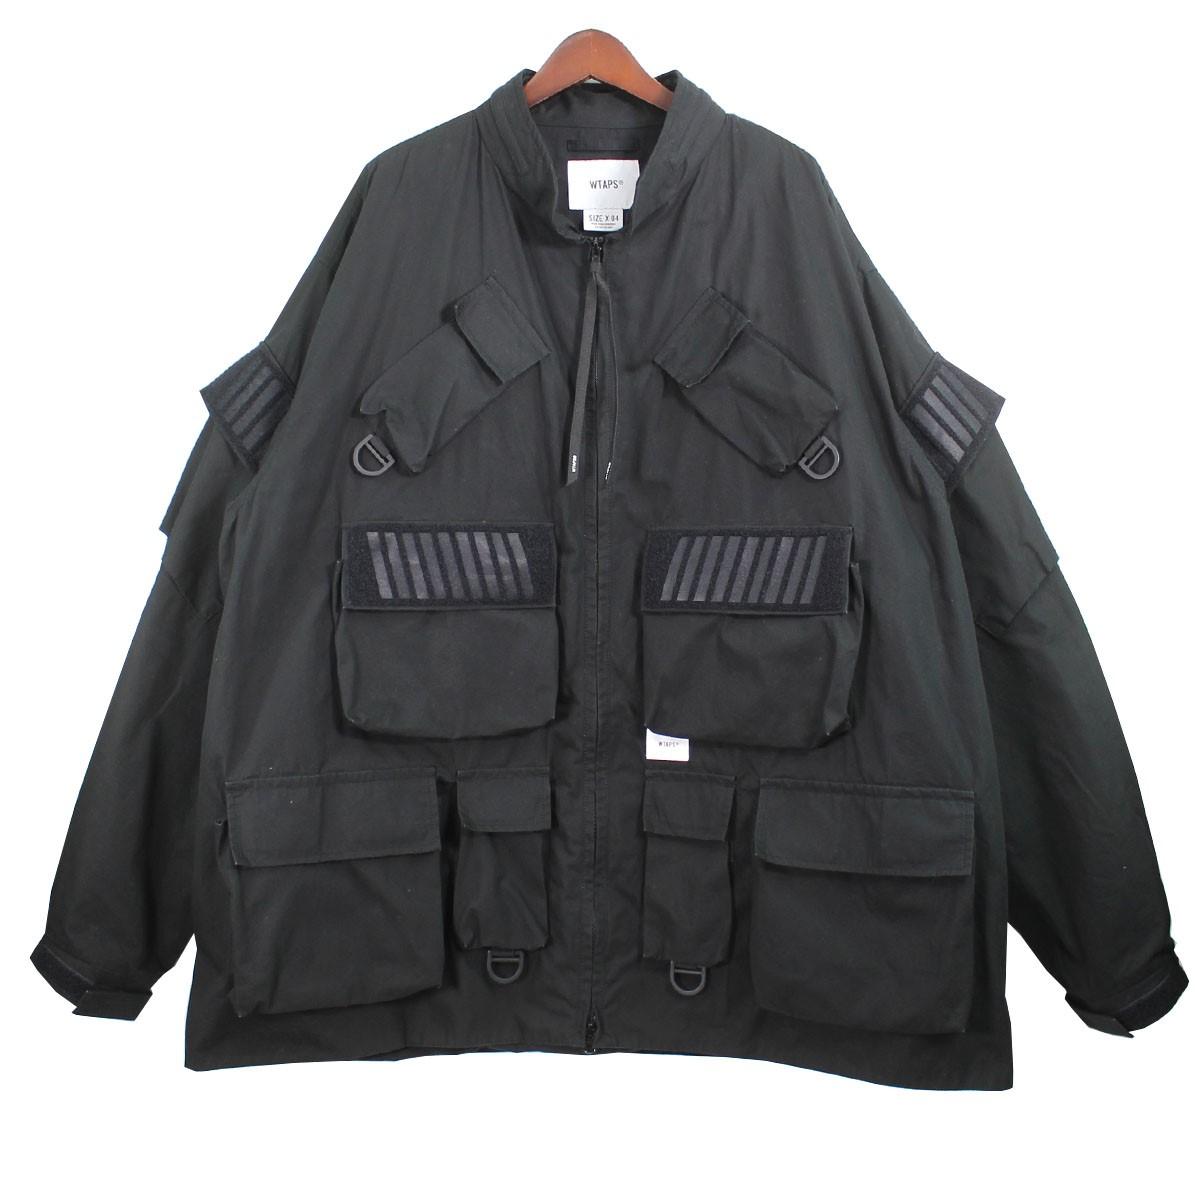 【中古】WTAPS 19AW MODULAR モジュラージャケット ブラック サイズ:4 【030720】(ダブルタップス)